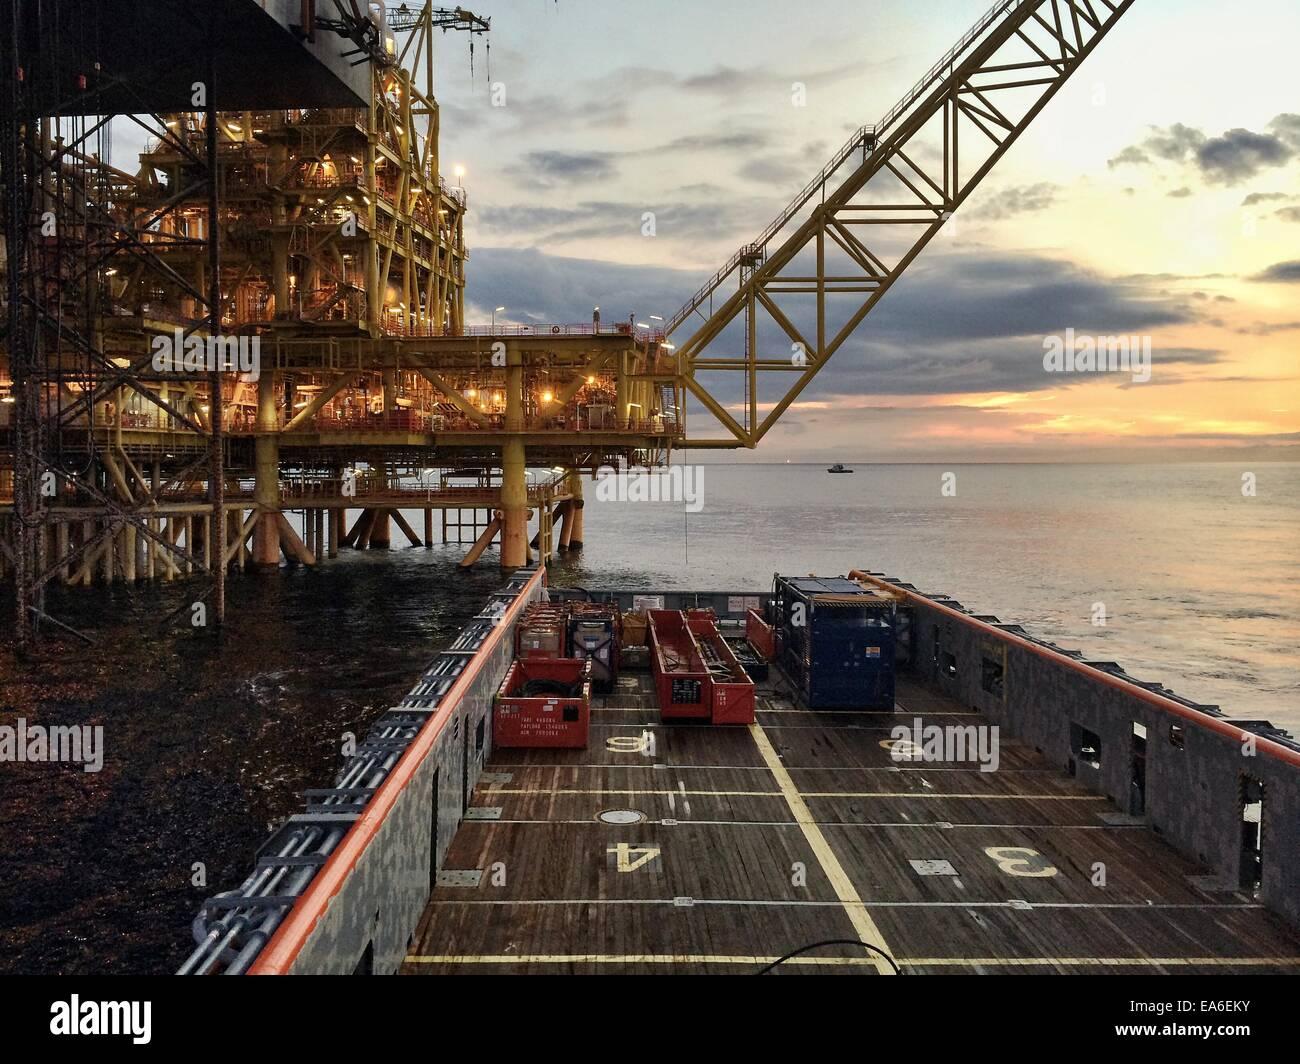 Plataforma Petrolera de procesamiento central en la operación de carga con el buque offshore al amanecer. Imagen De Stock